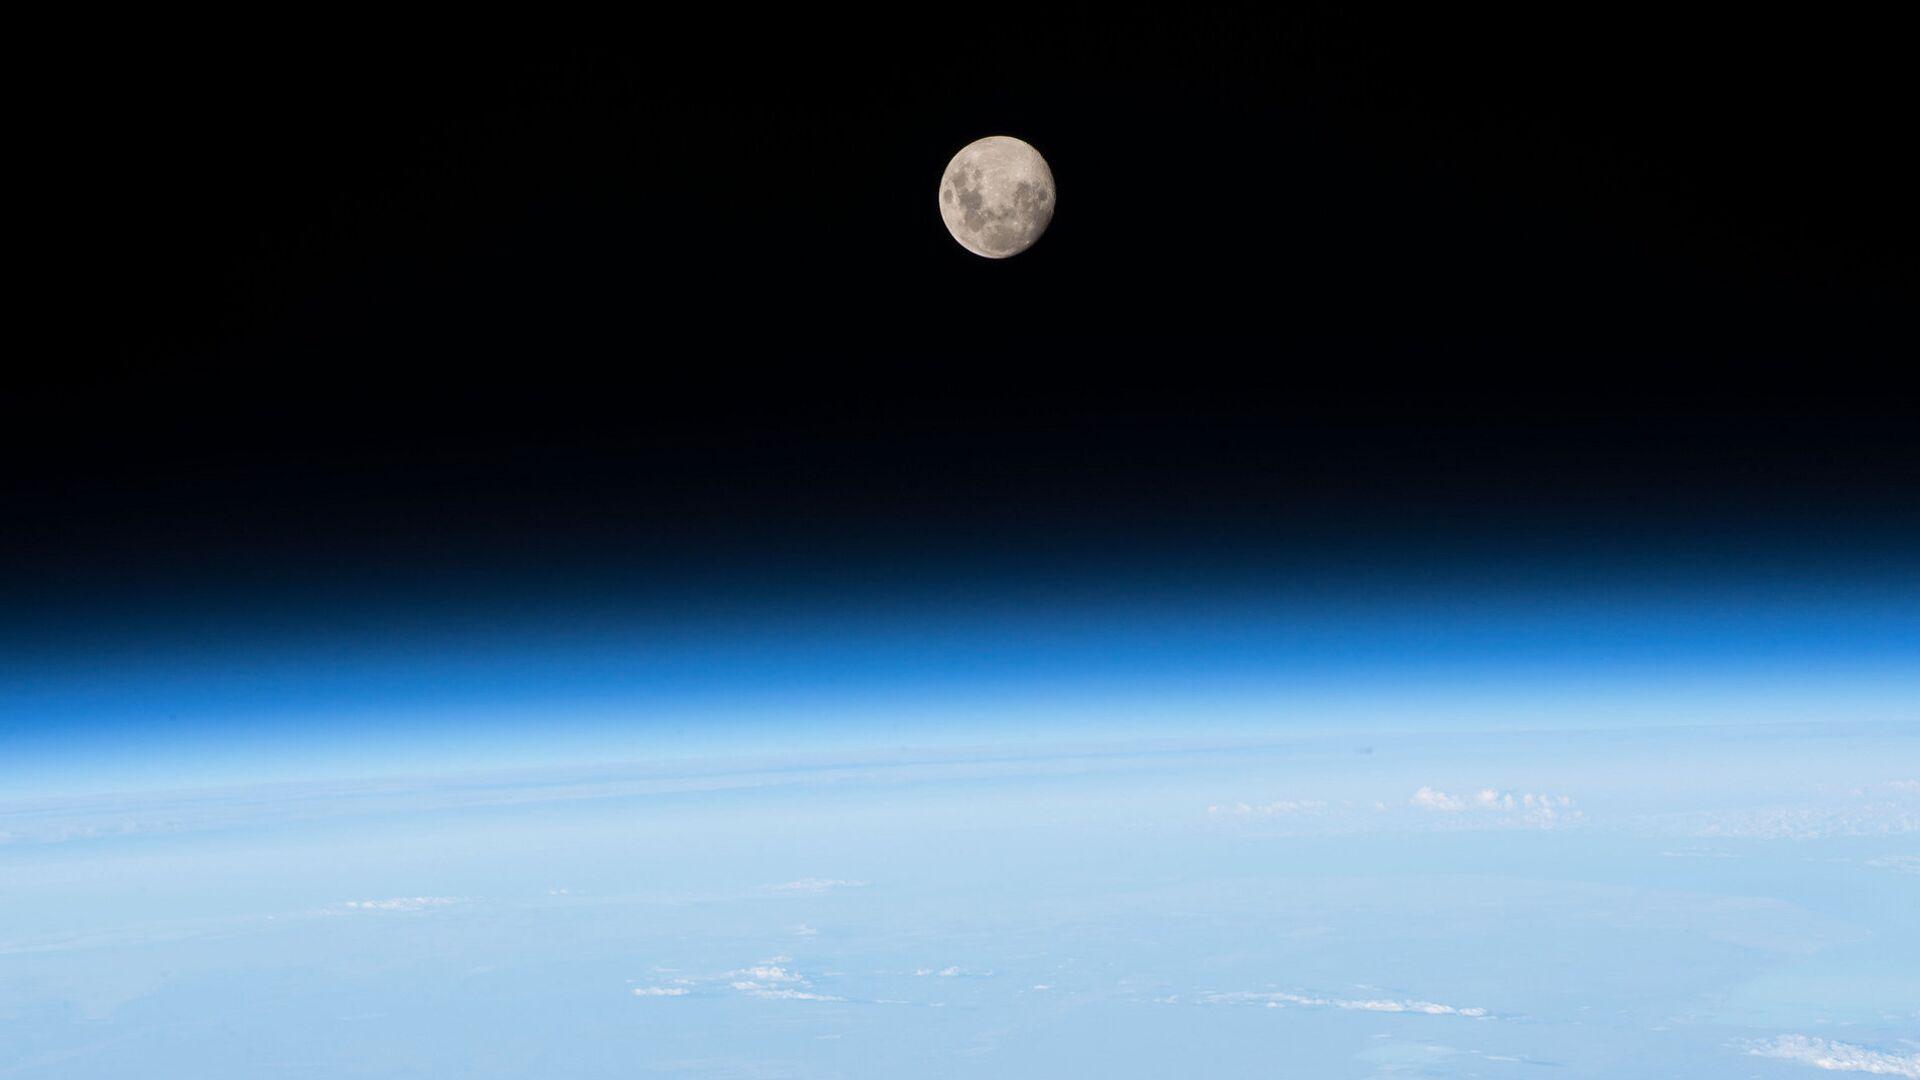 Снимок Луны снятый с МКС  - РИА Новости, 1920, 19.05.2021